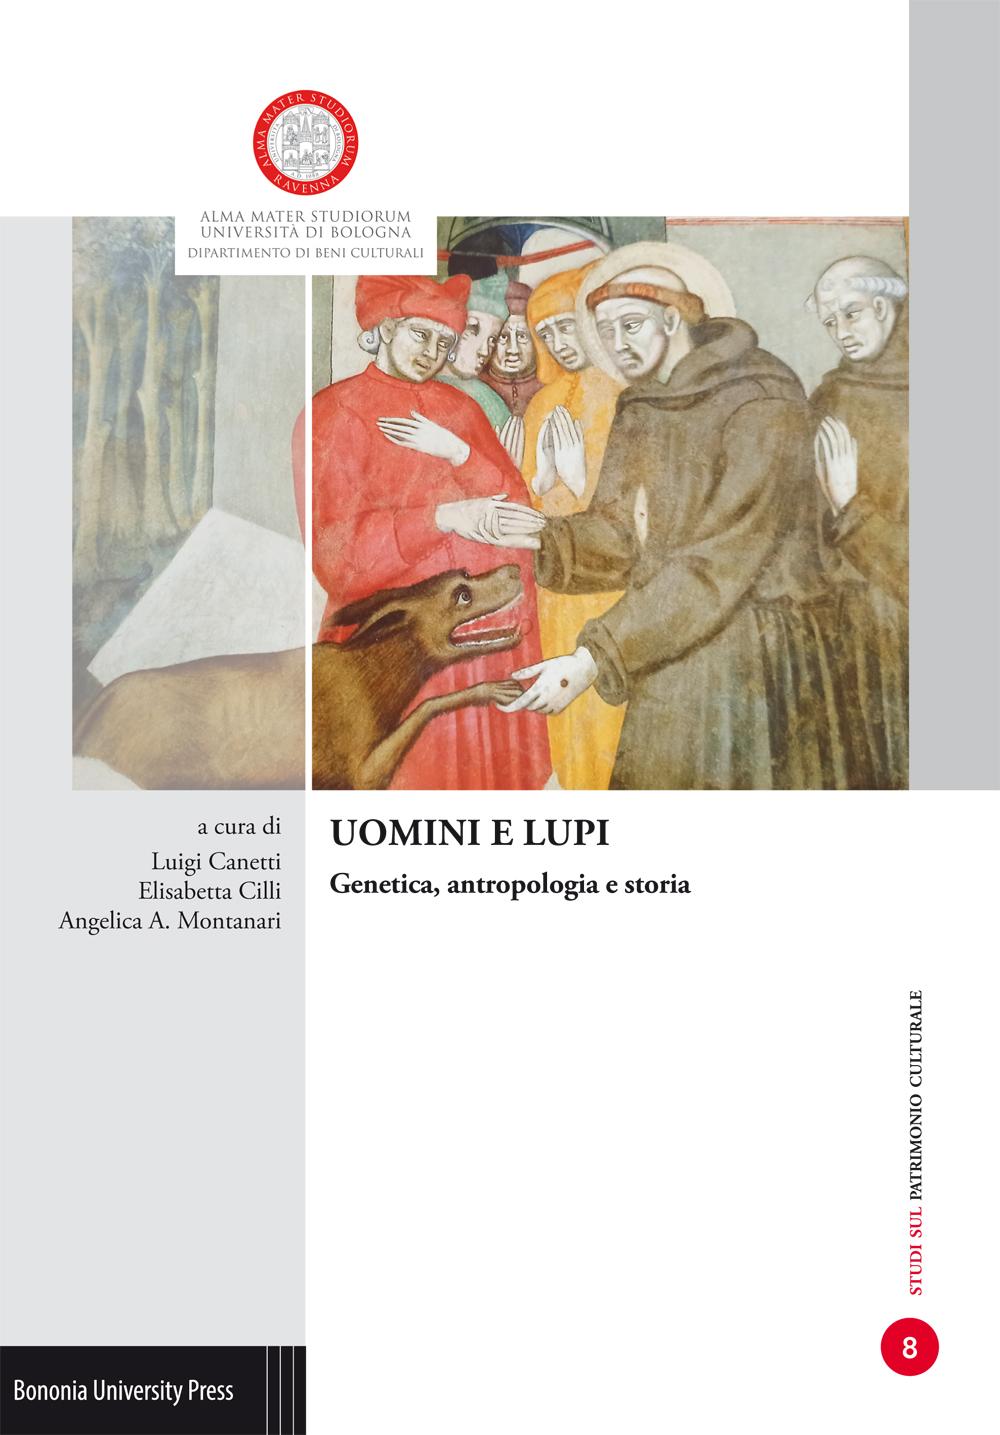 Uomini e lupi - Bononia University Press